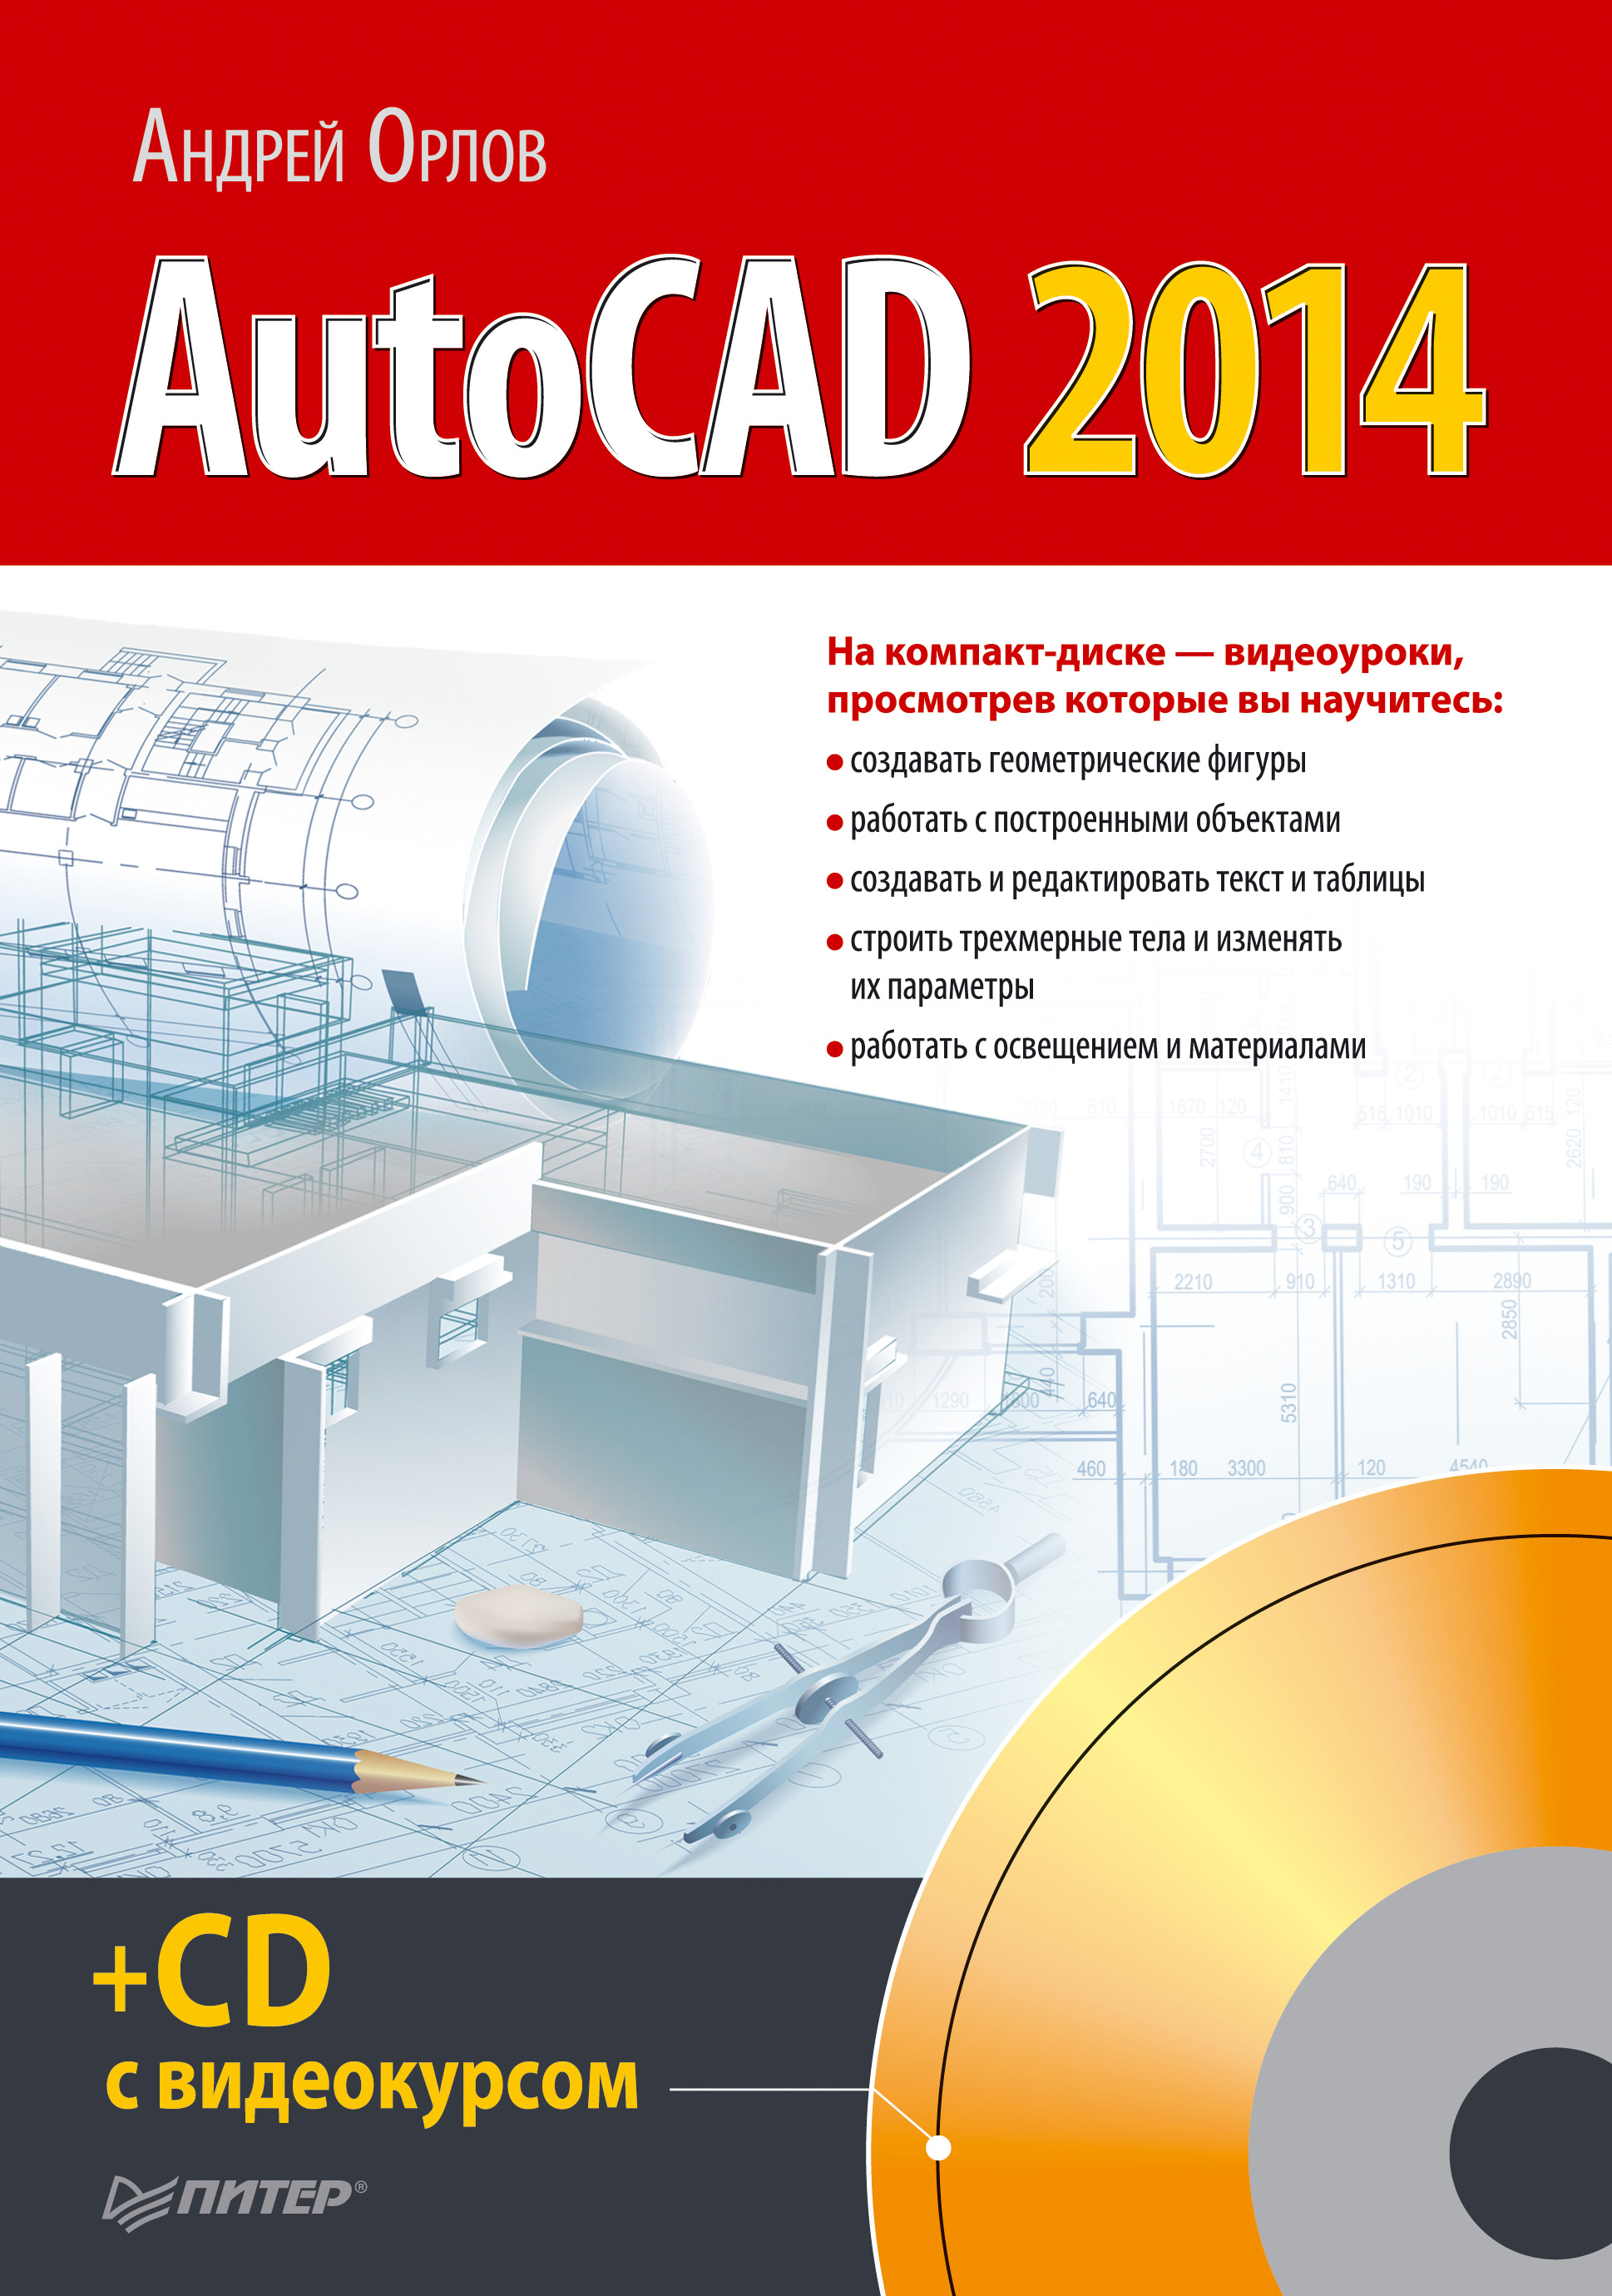 Андрей Орлов AutoCAD 2014 autocad 2015 cd с видеокурсом